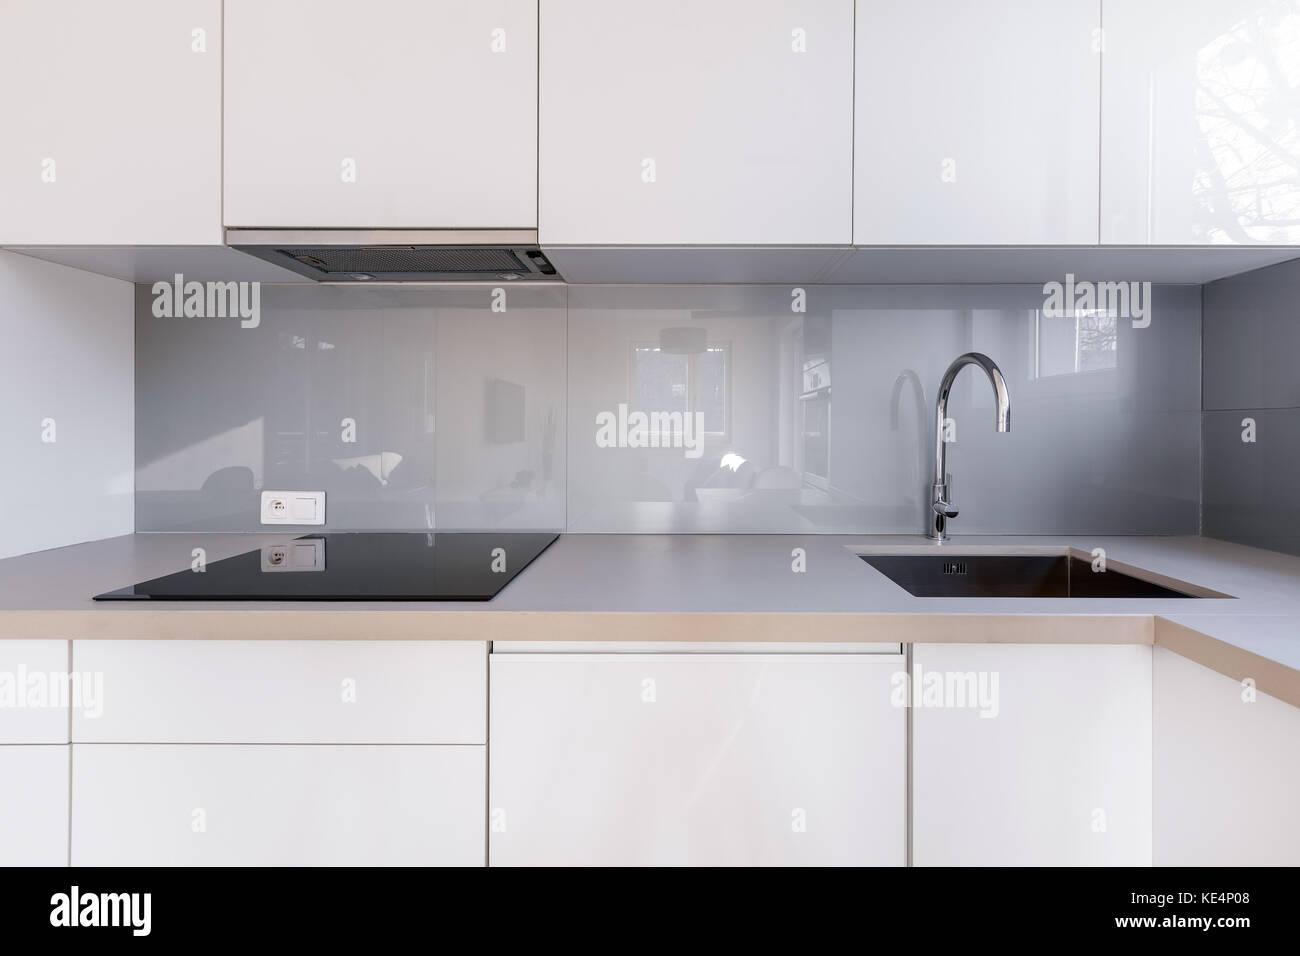 Weiße Küche Mit Grauen Backsplash, Waschbecken Und Induktionsherd